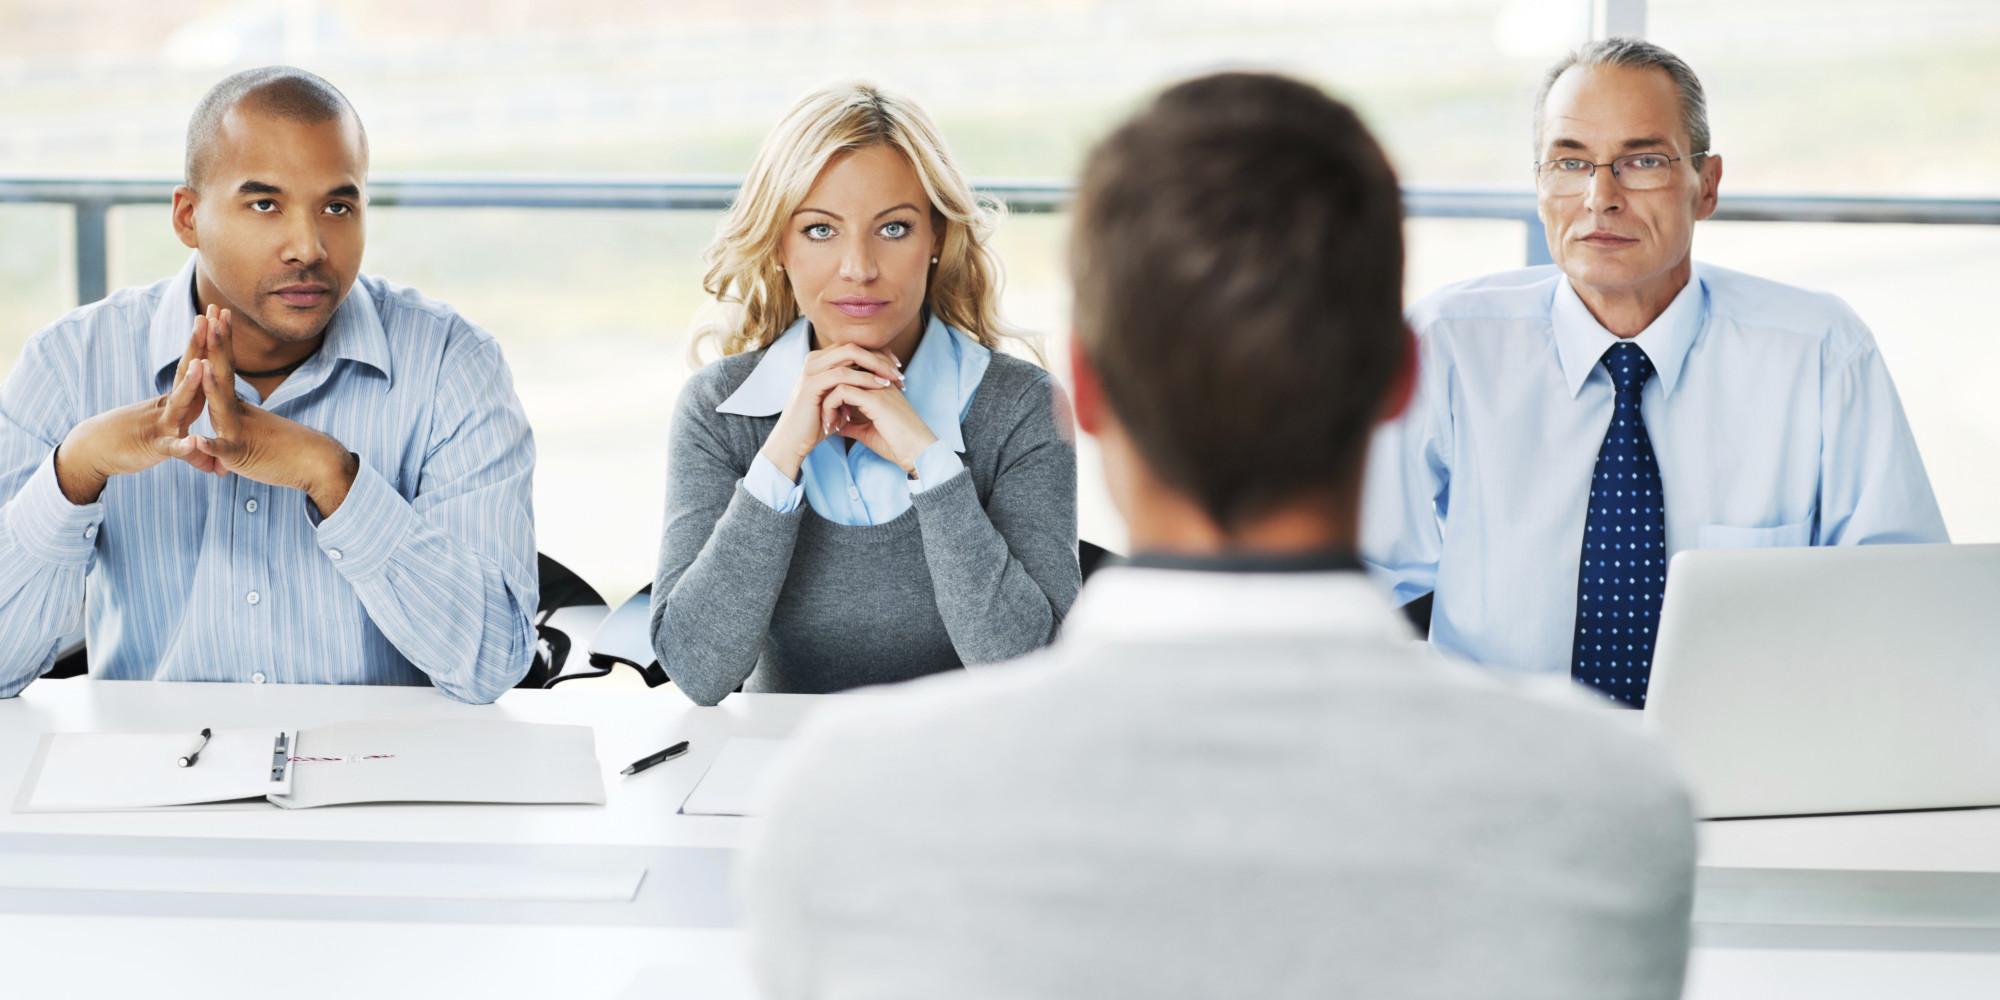 ¿Postulando a un trabajo? conoce las nuevas preguntas que podrías enfrentar